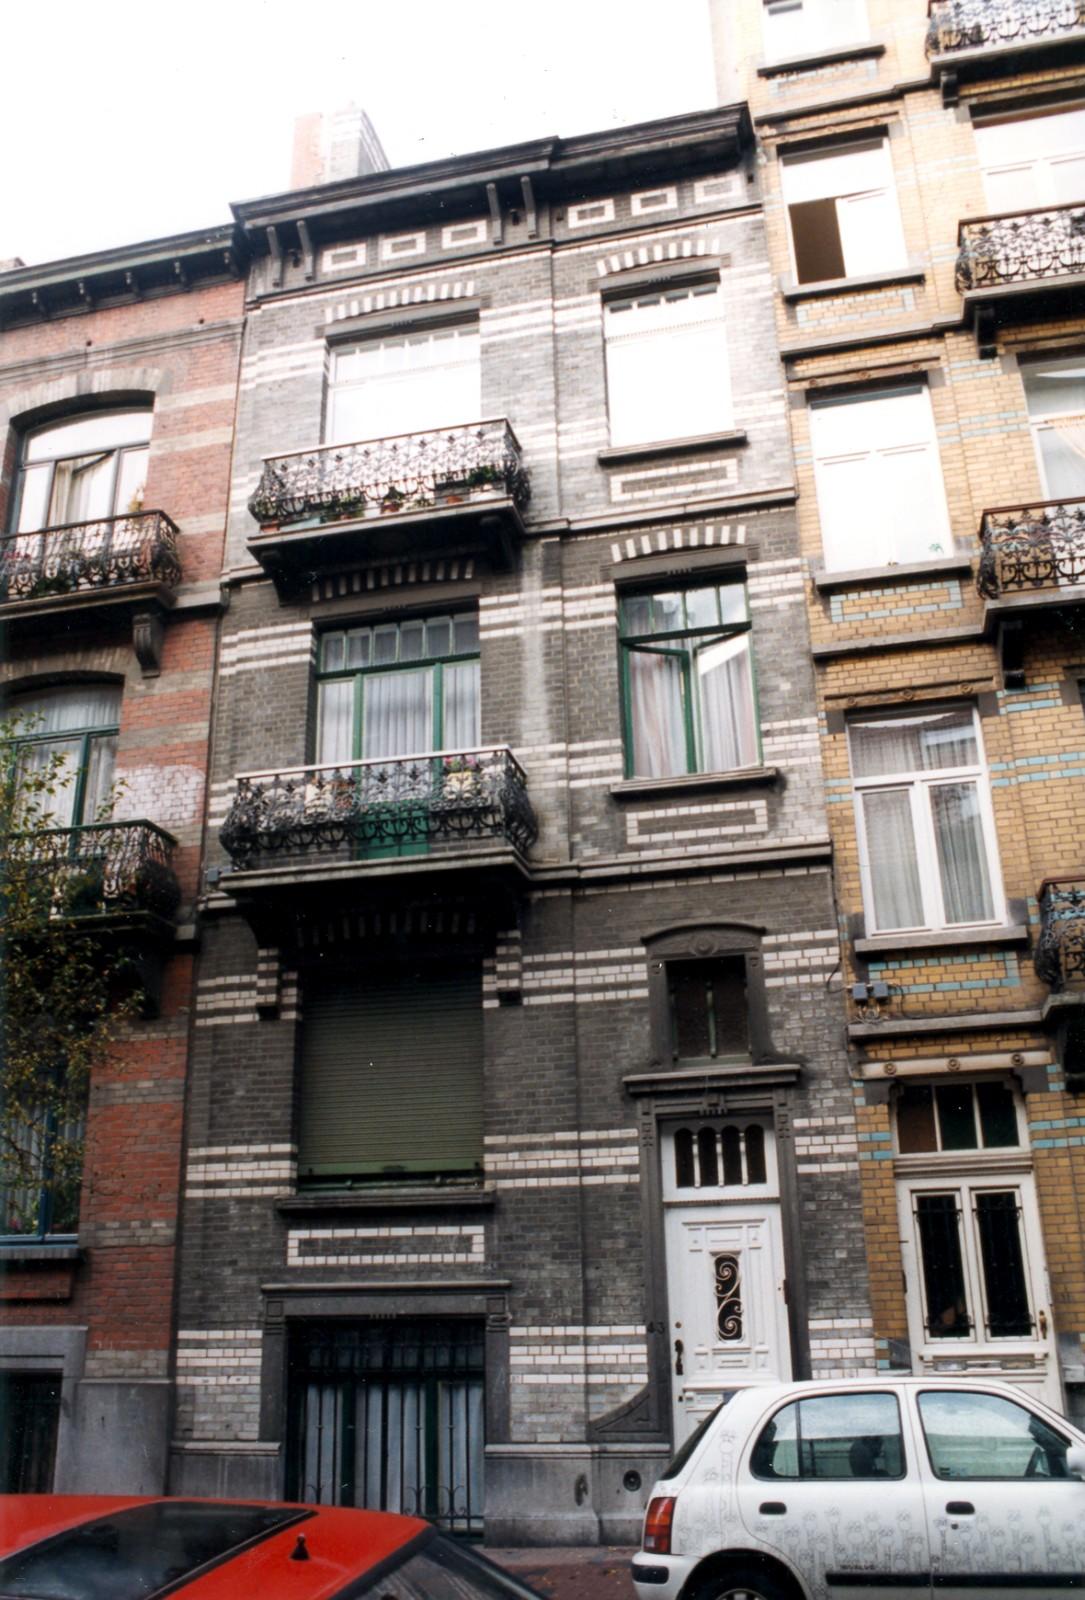 Montenegrostraat 43., 1999